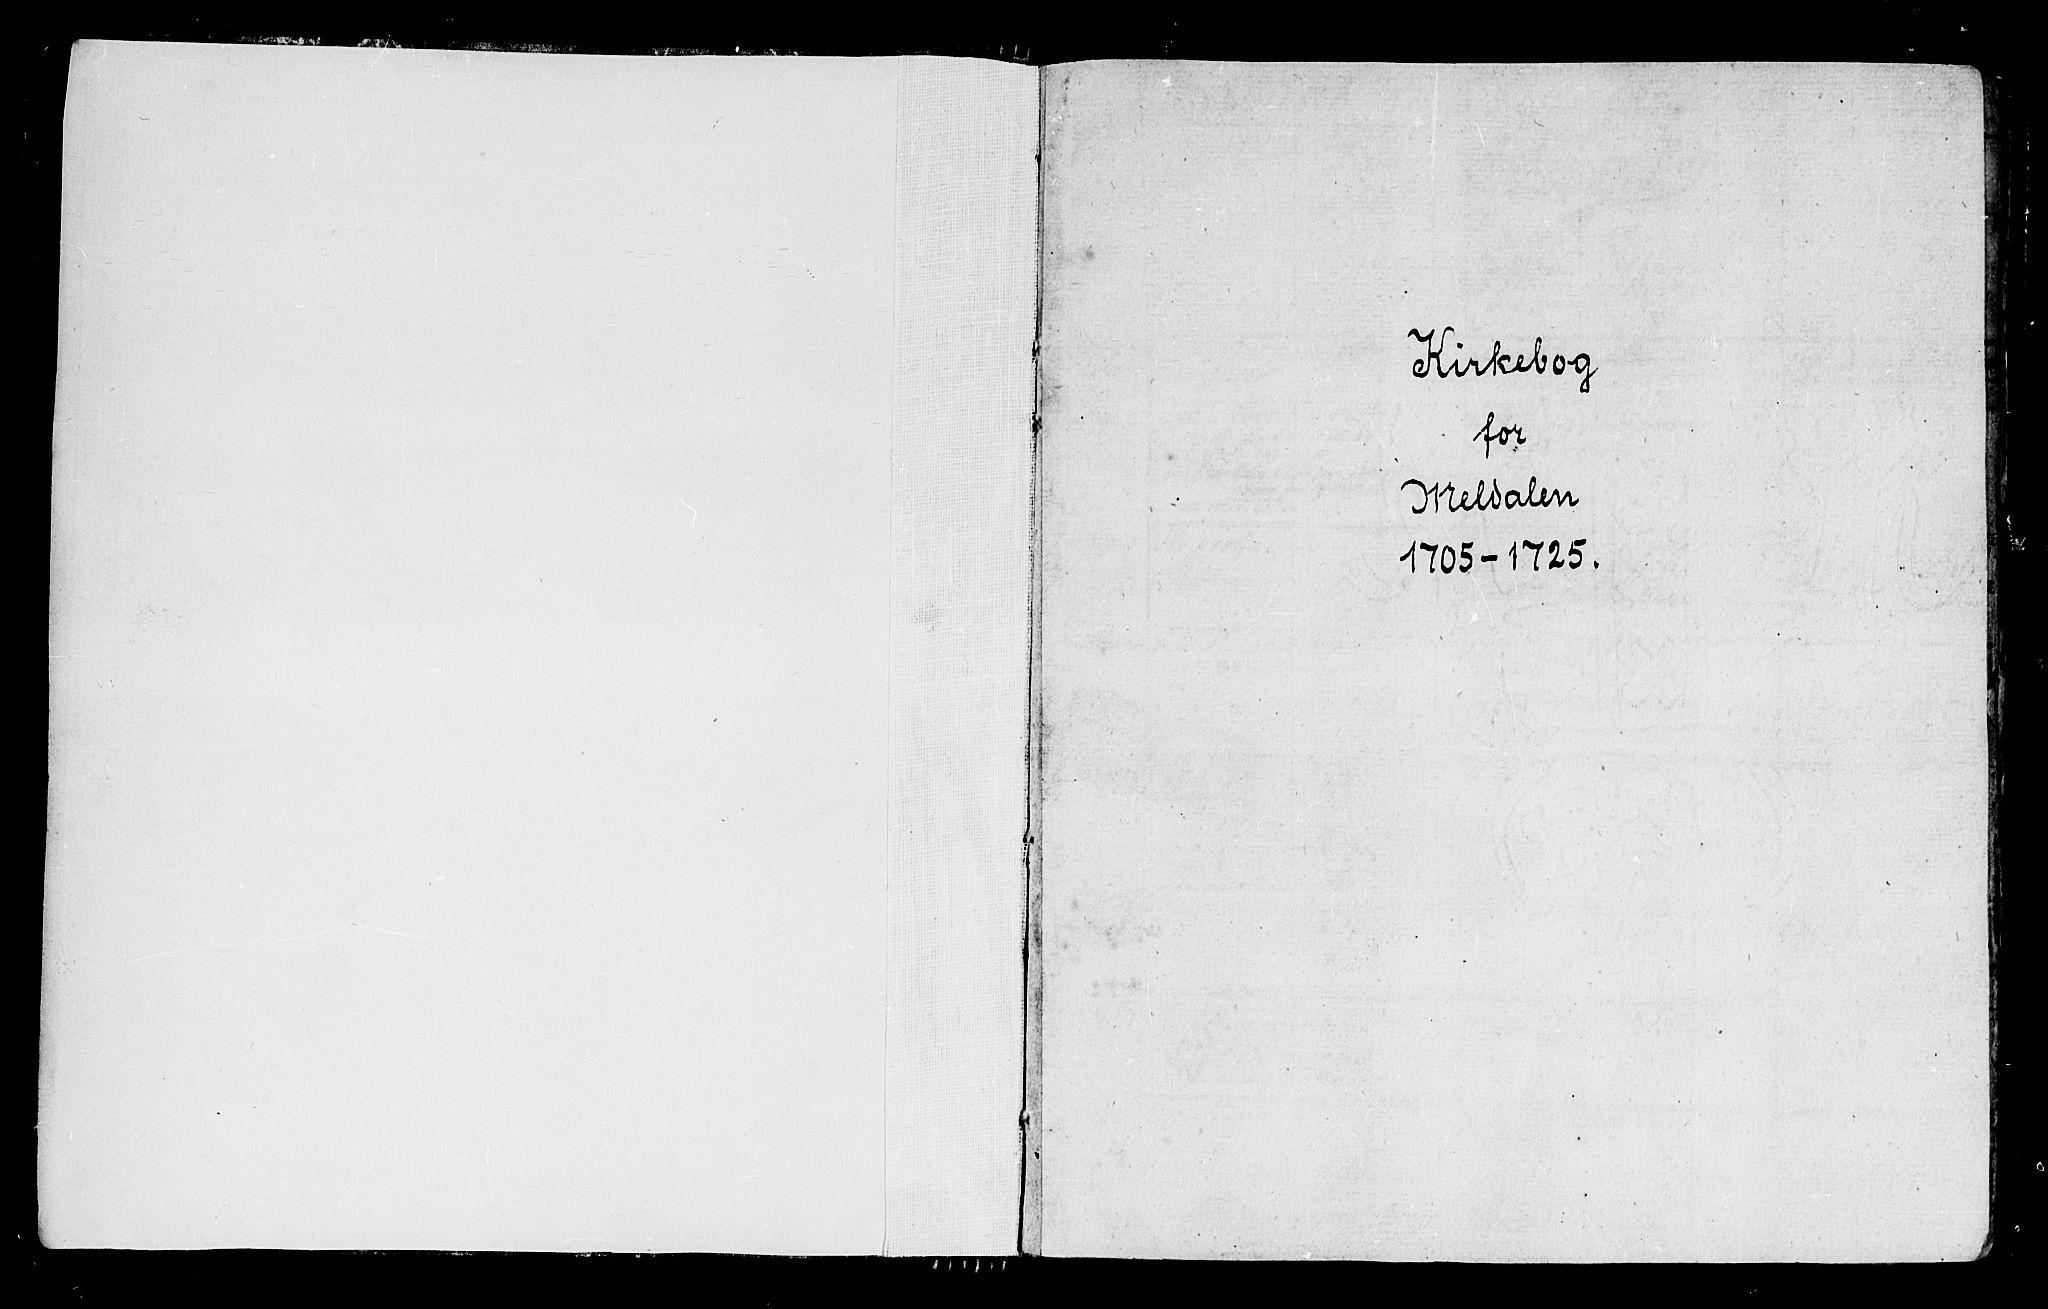 SAT, Ministerialprotokoller, klokkerbøker og fødselsregistre - Sør-Trøndelag, 672/L0849: Ministerialbok nr. 672A02, 1705-1725